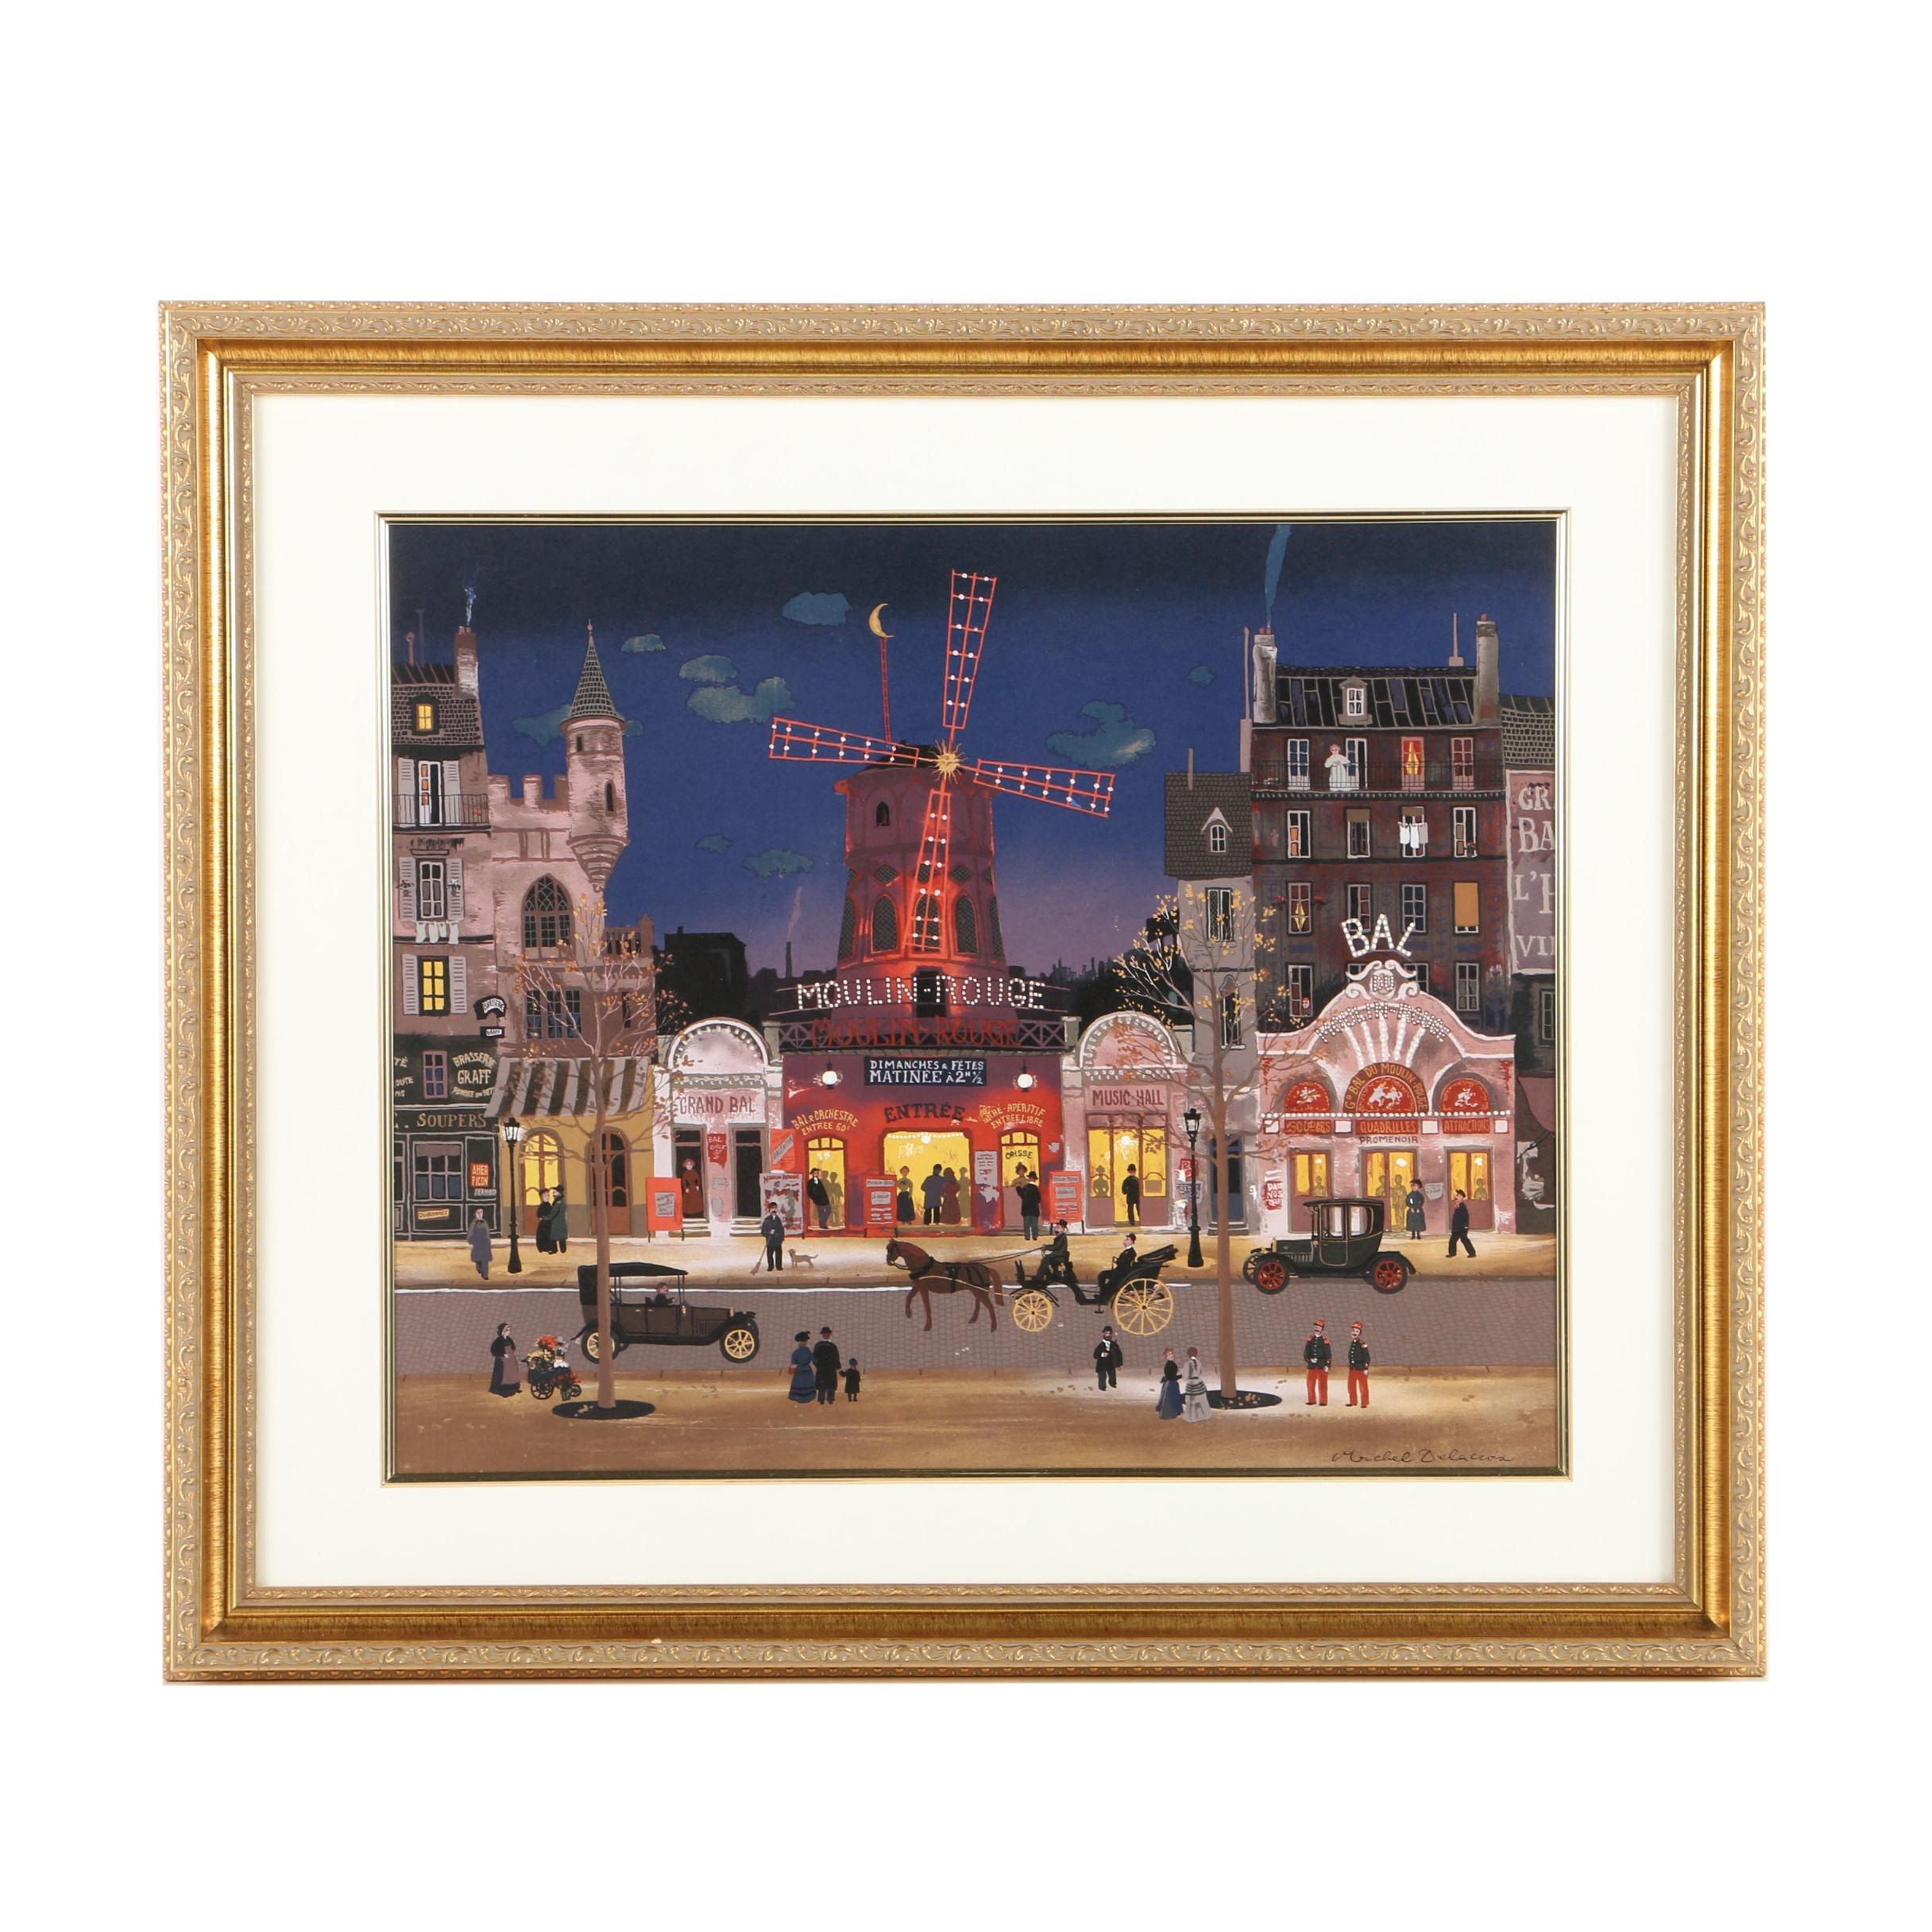 """Color Lithograph on Paper After Michel Delacroix's """"Sortie du Moulin Rouge"""""""